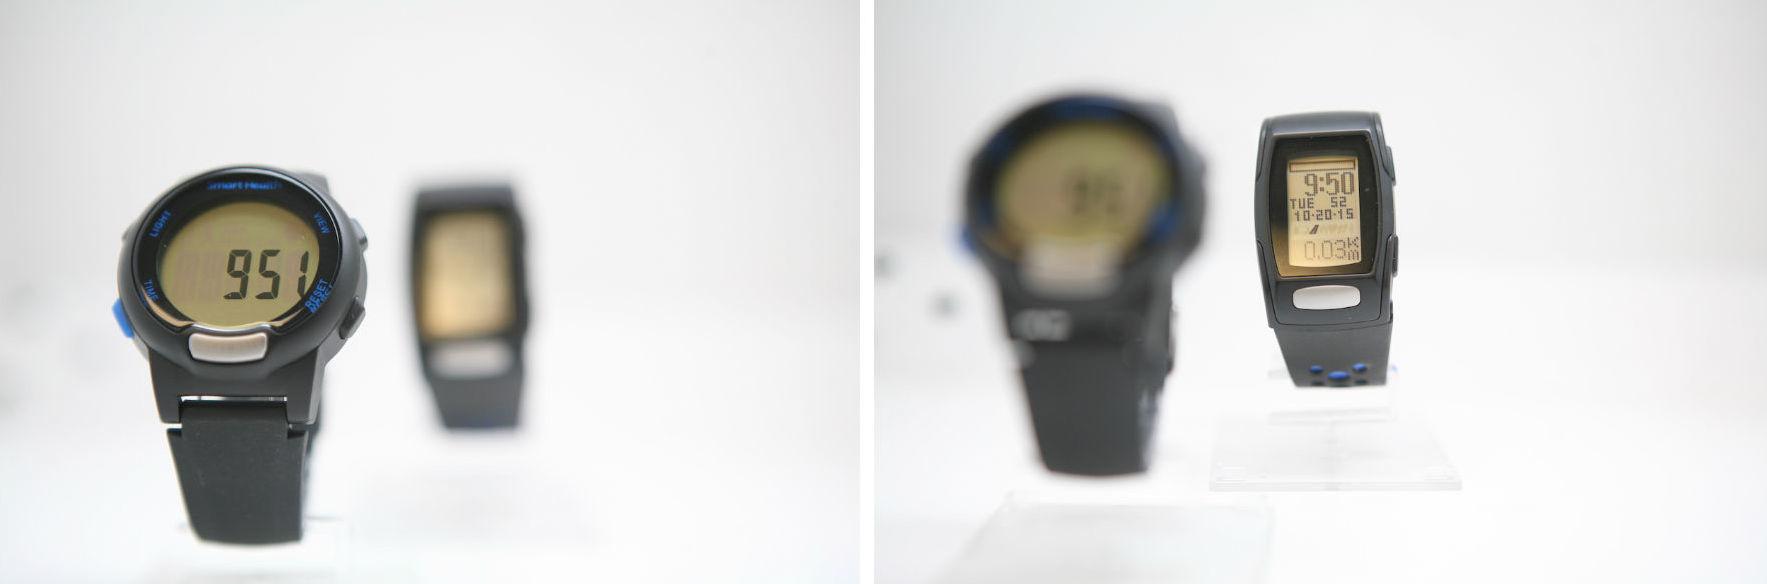 Проще некуда. Самые дешевые часы с пульсометром «для богатых»: Smart Health - 10